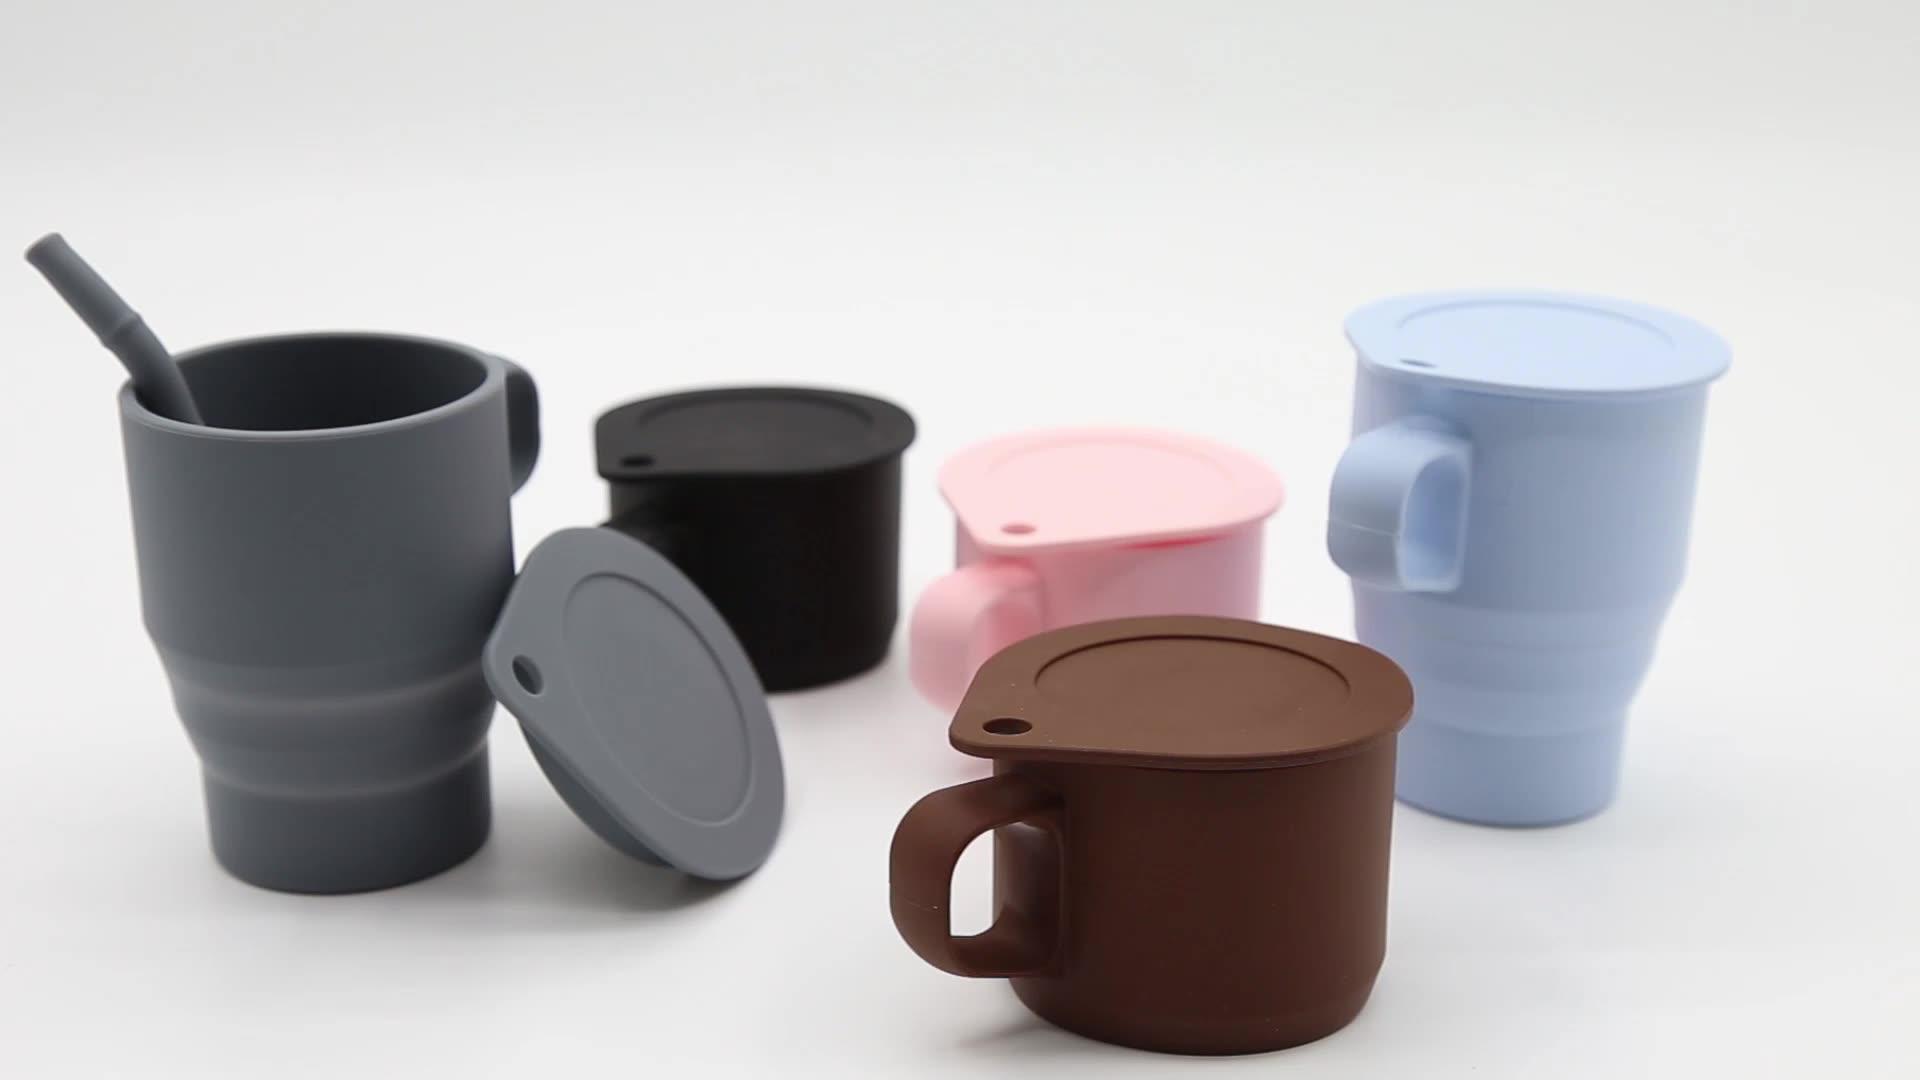 300ML 아마존 베스트셀러 2021 무료 샘플 도매 맞춤형 접이식 물 컵 휴대용 접이식 커피 머그잔